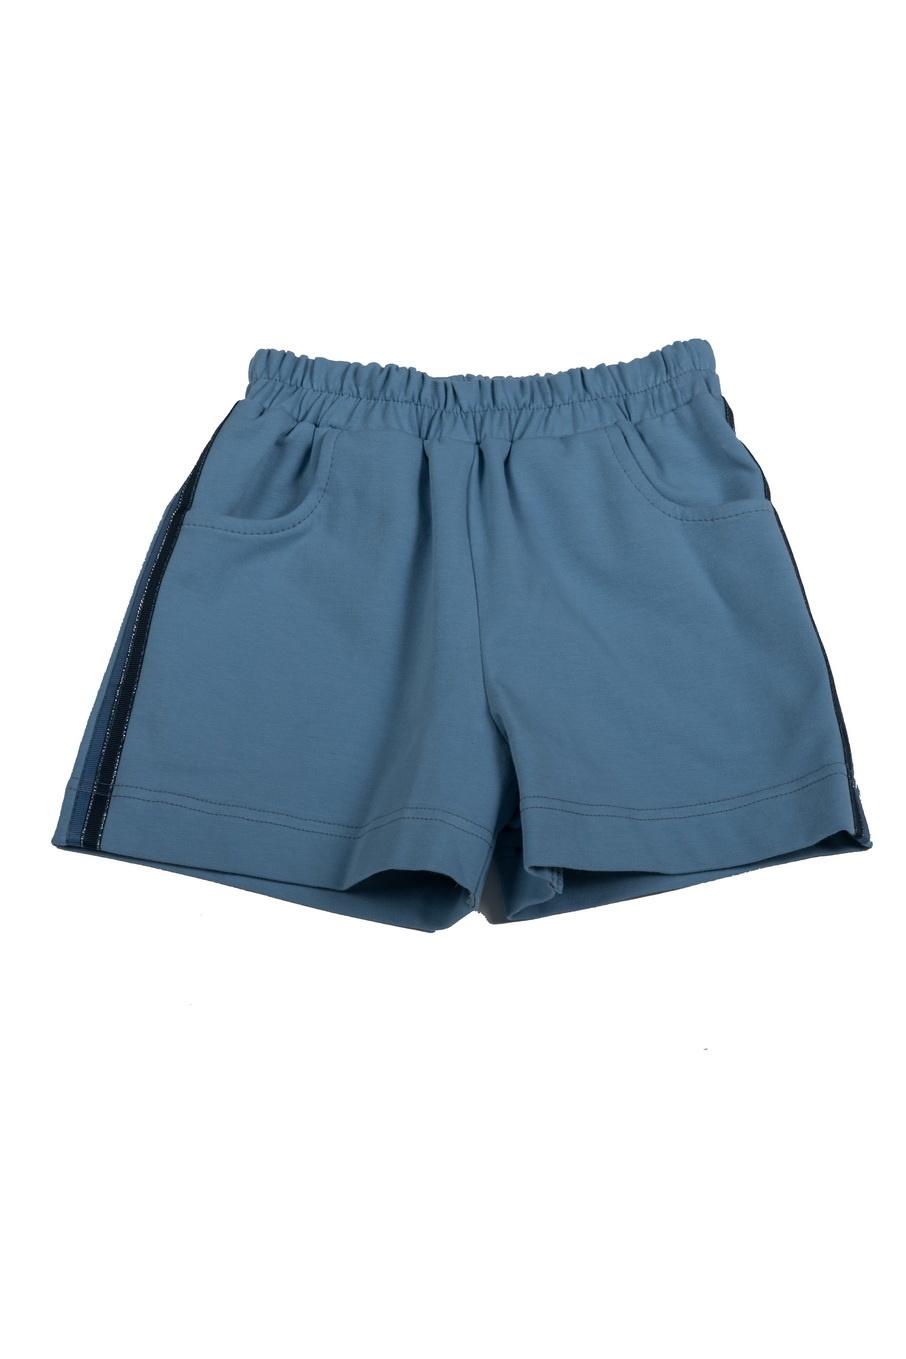 Daga Daga Sequin Blue Short Set 8262 S21